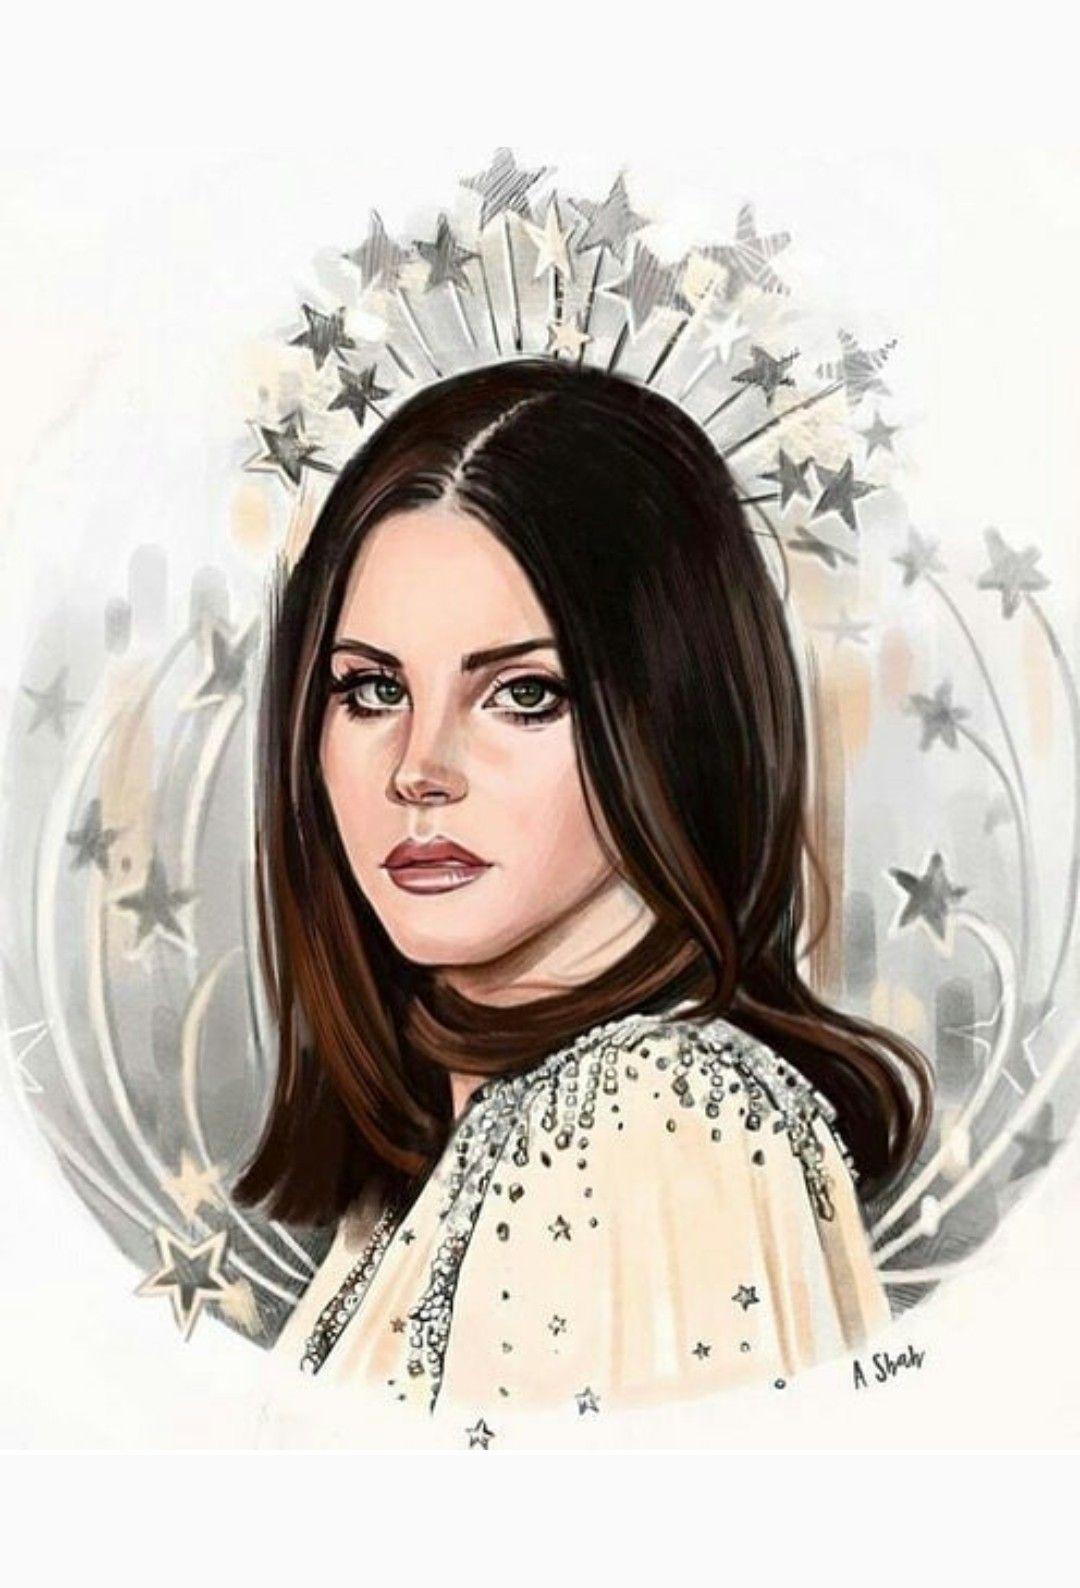 Lana Del Rey Art Lana Del Rey Art Lana Del Rey Lana Del Rey Honeymoon